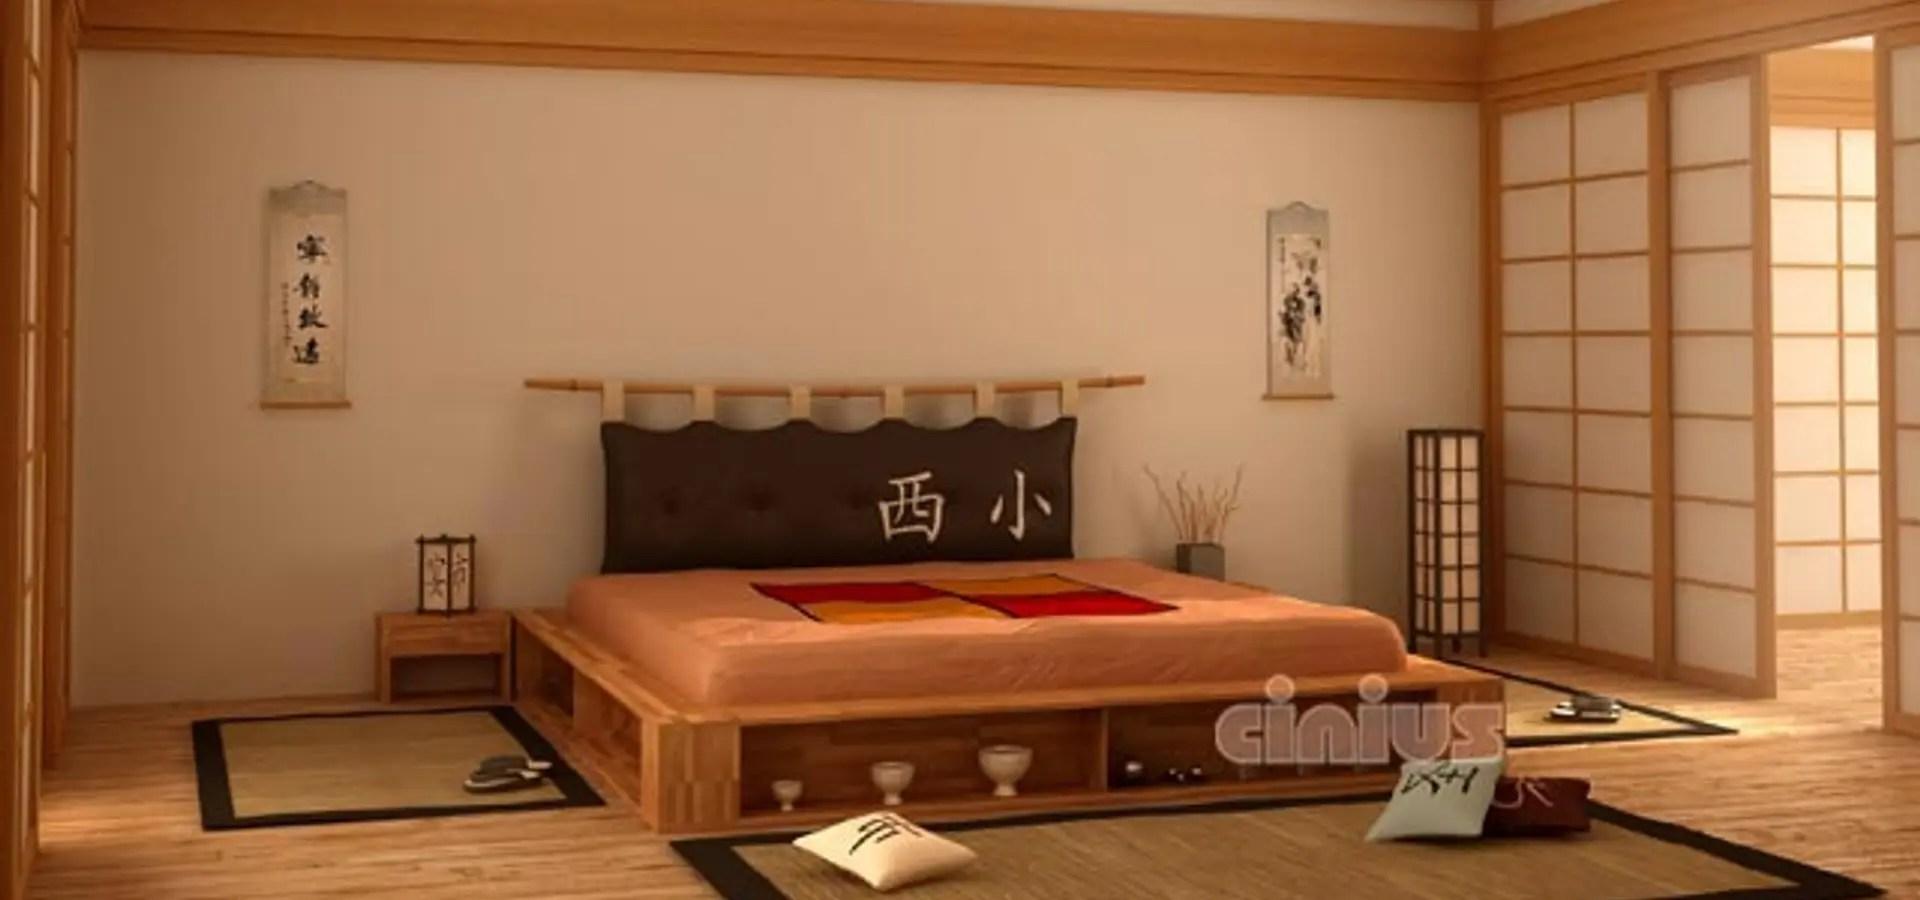 Interior design come arredare con mobili giapponesi di